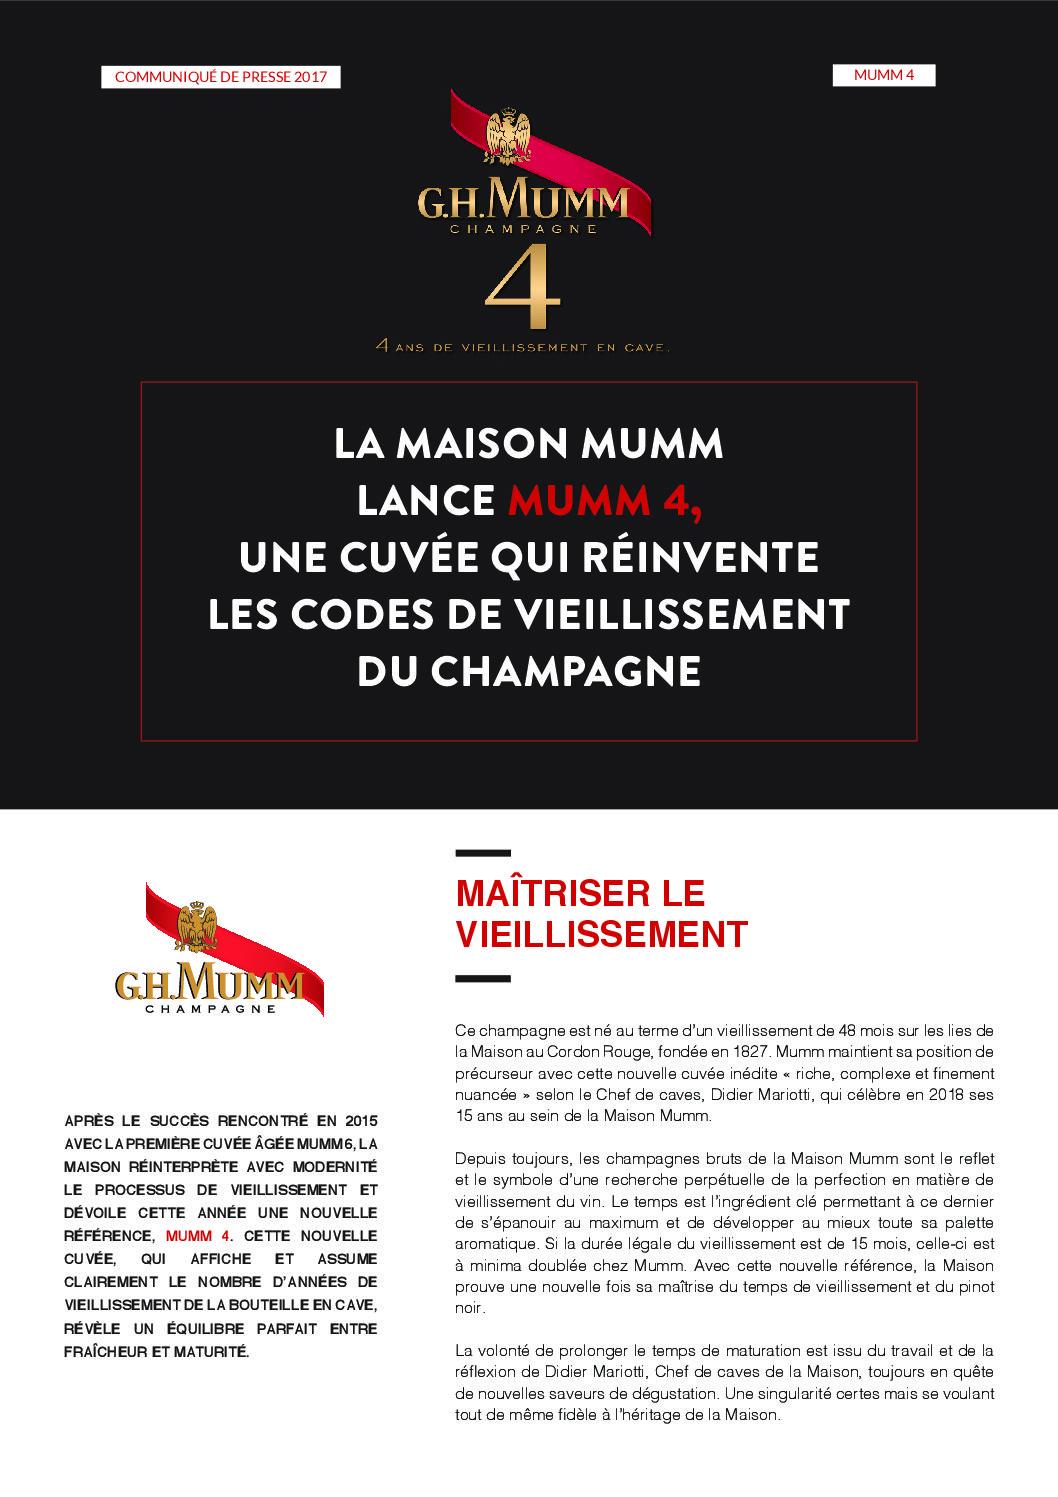 Mumm 4 communique de presse-pdf